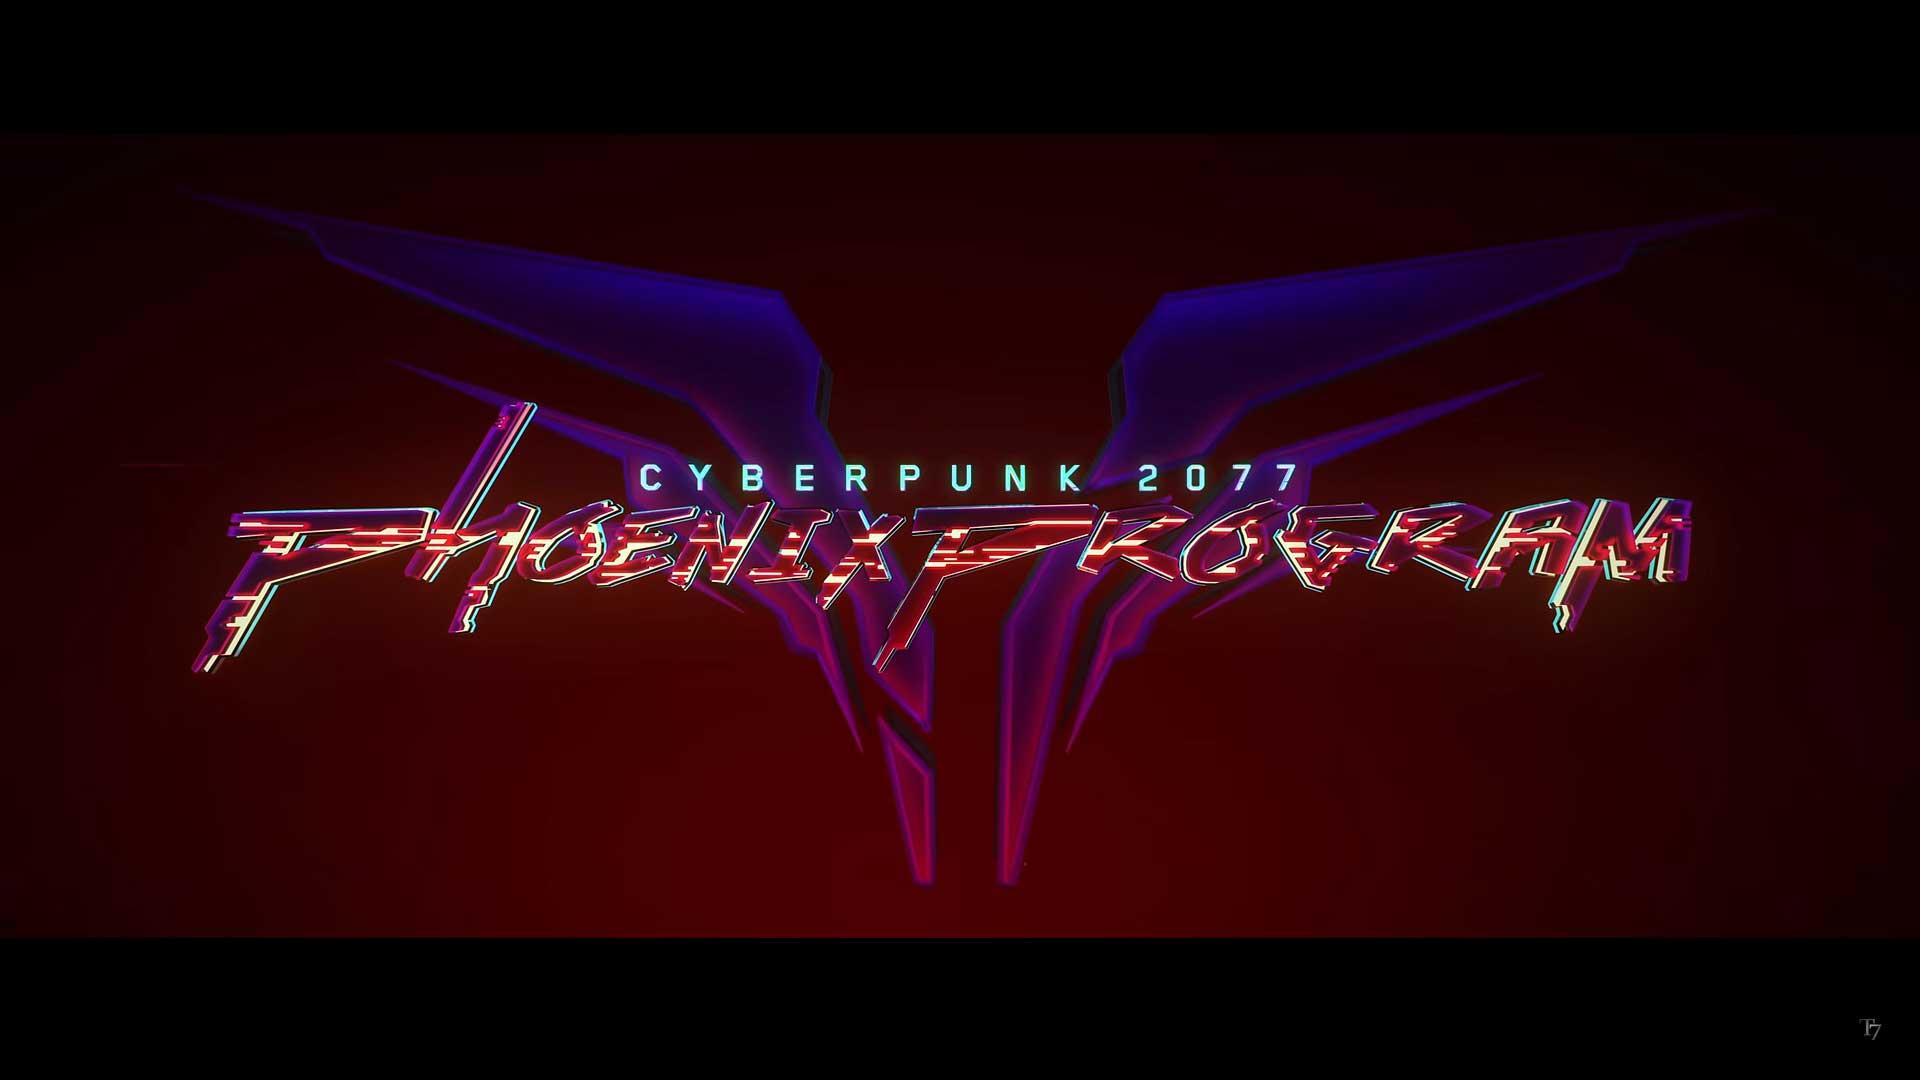 fan film phoenix program babt